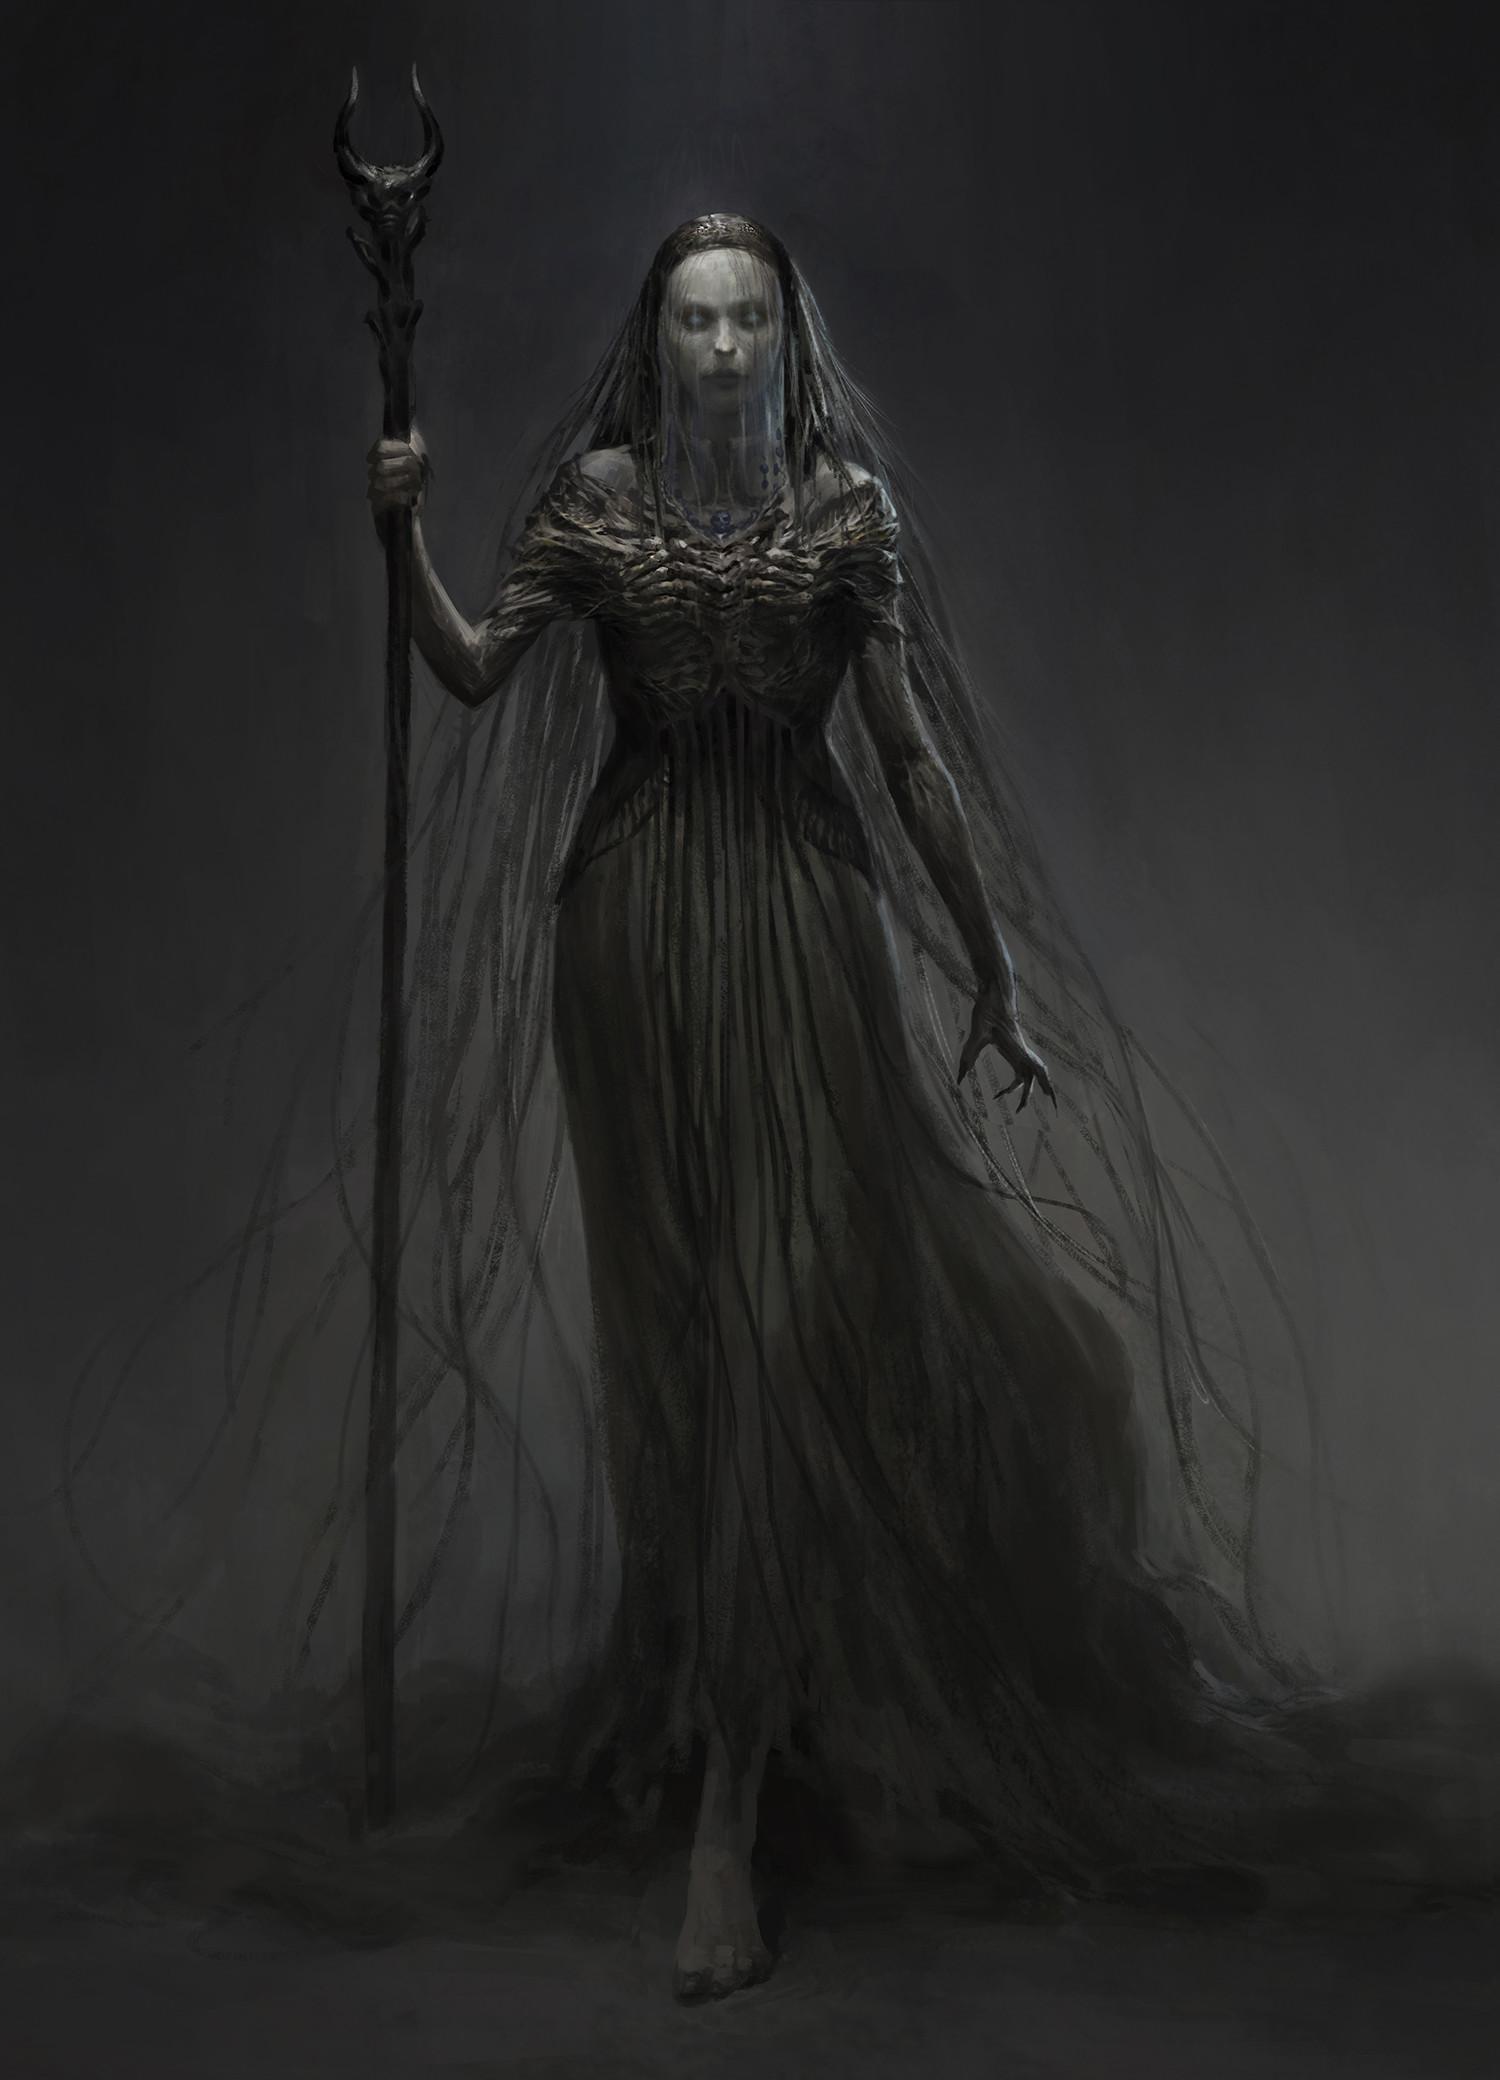 картинки, мрачные картинки, арт, ведьма, Qingkai Yang